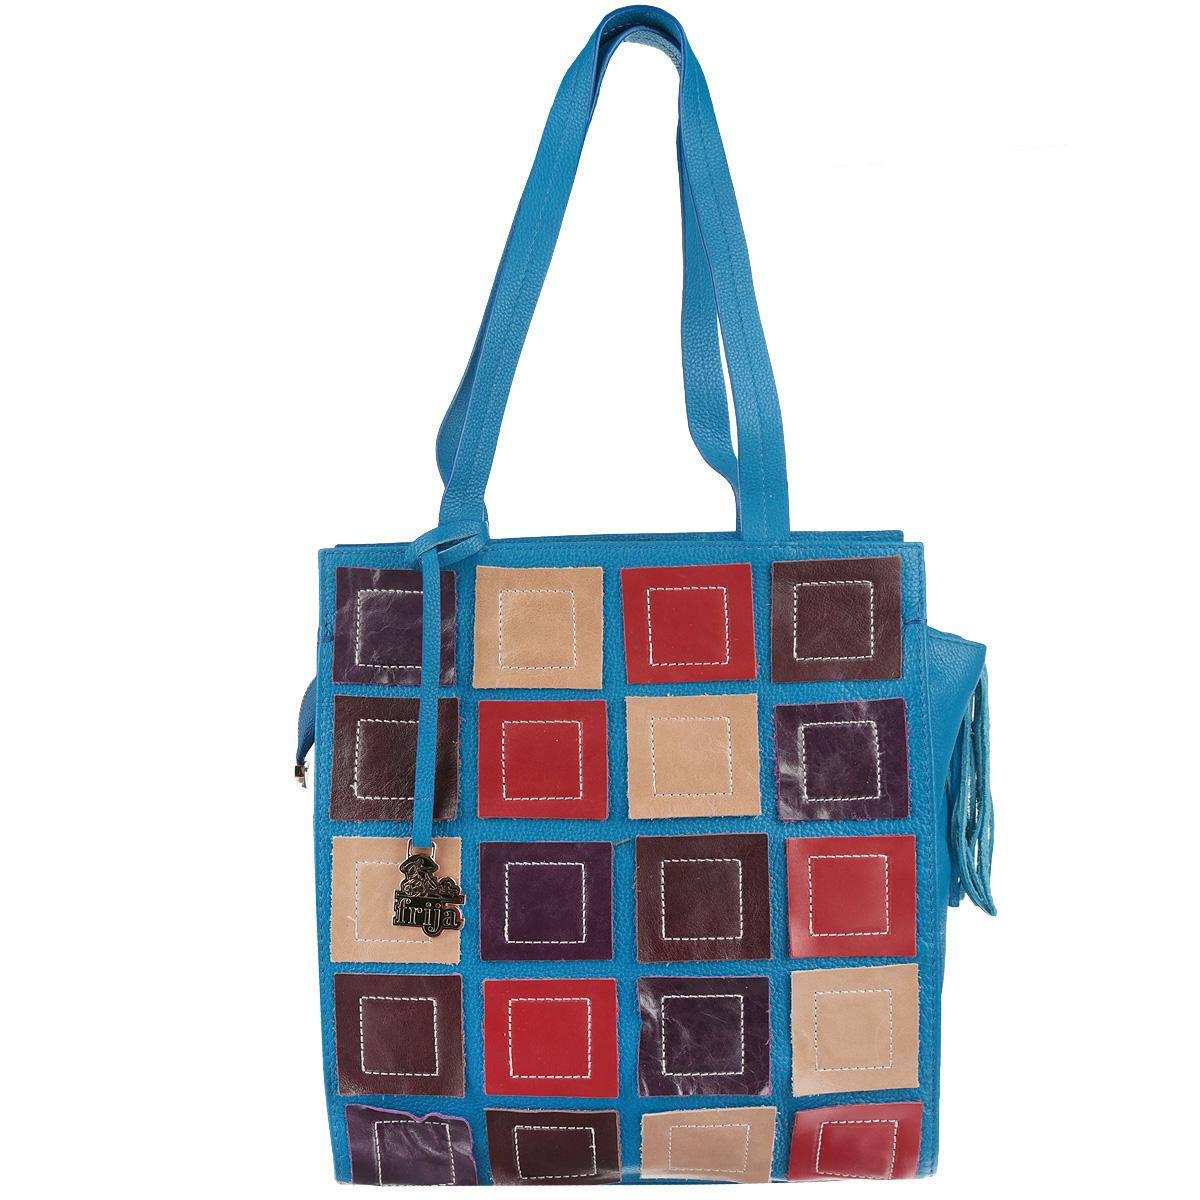 Сумка женская Frija, цвет: голубой, синий, красный. 21-0111-13